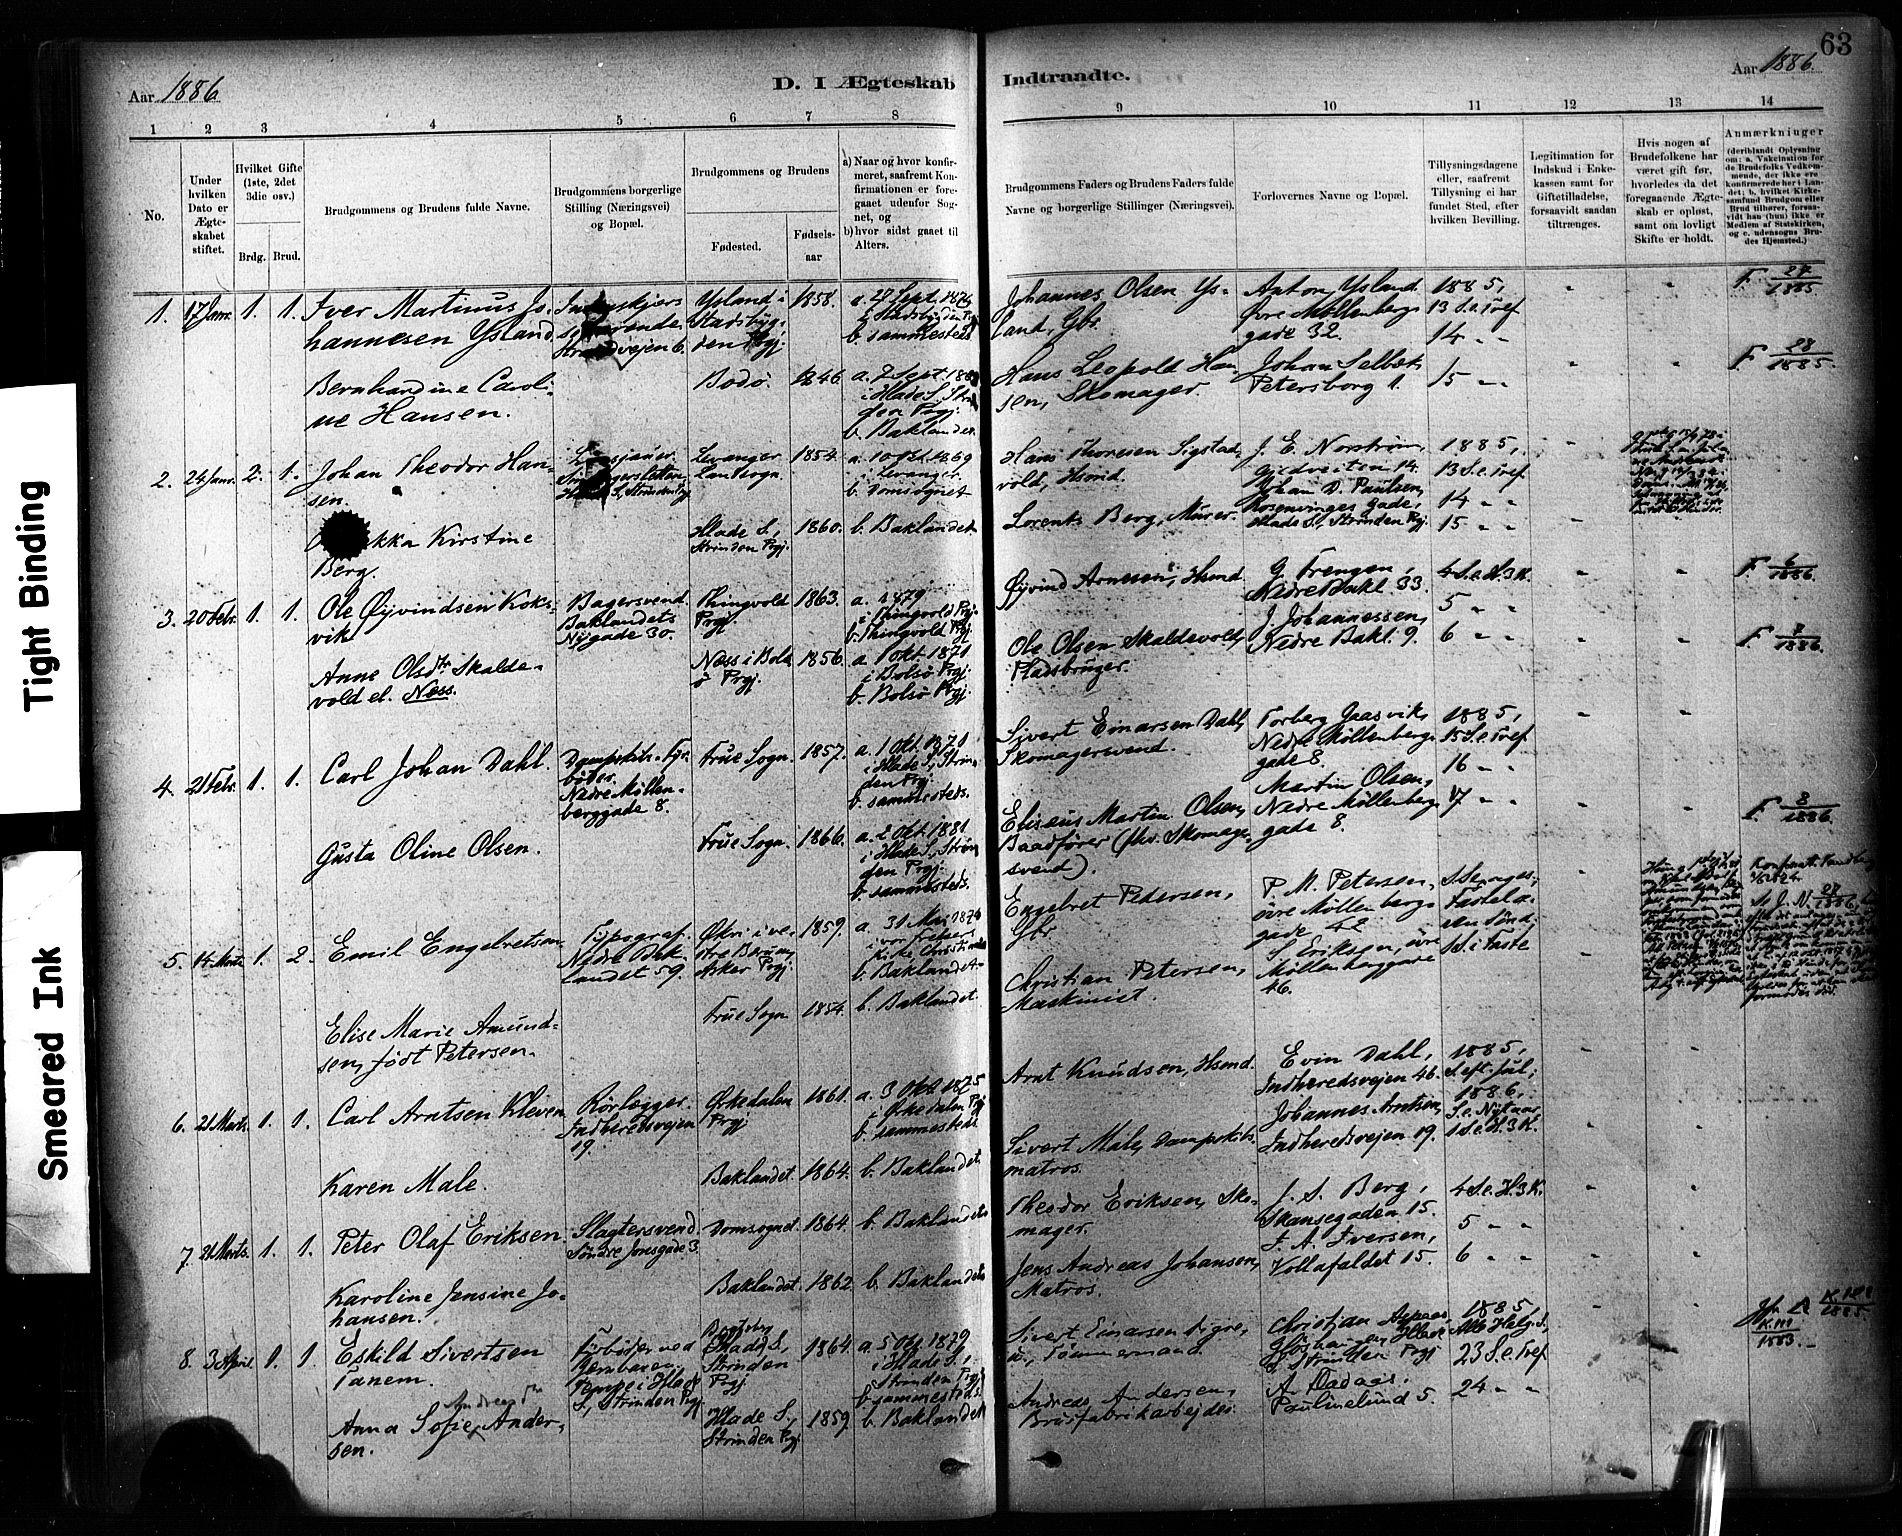 SAT, Ministerialprotokoller, klokkerbøker og fødselsregistre - Sør-Trøndelag, 604/L0189: Ministerialbok nr. 604A10, 1878-1892, s. 63